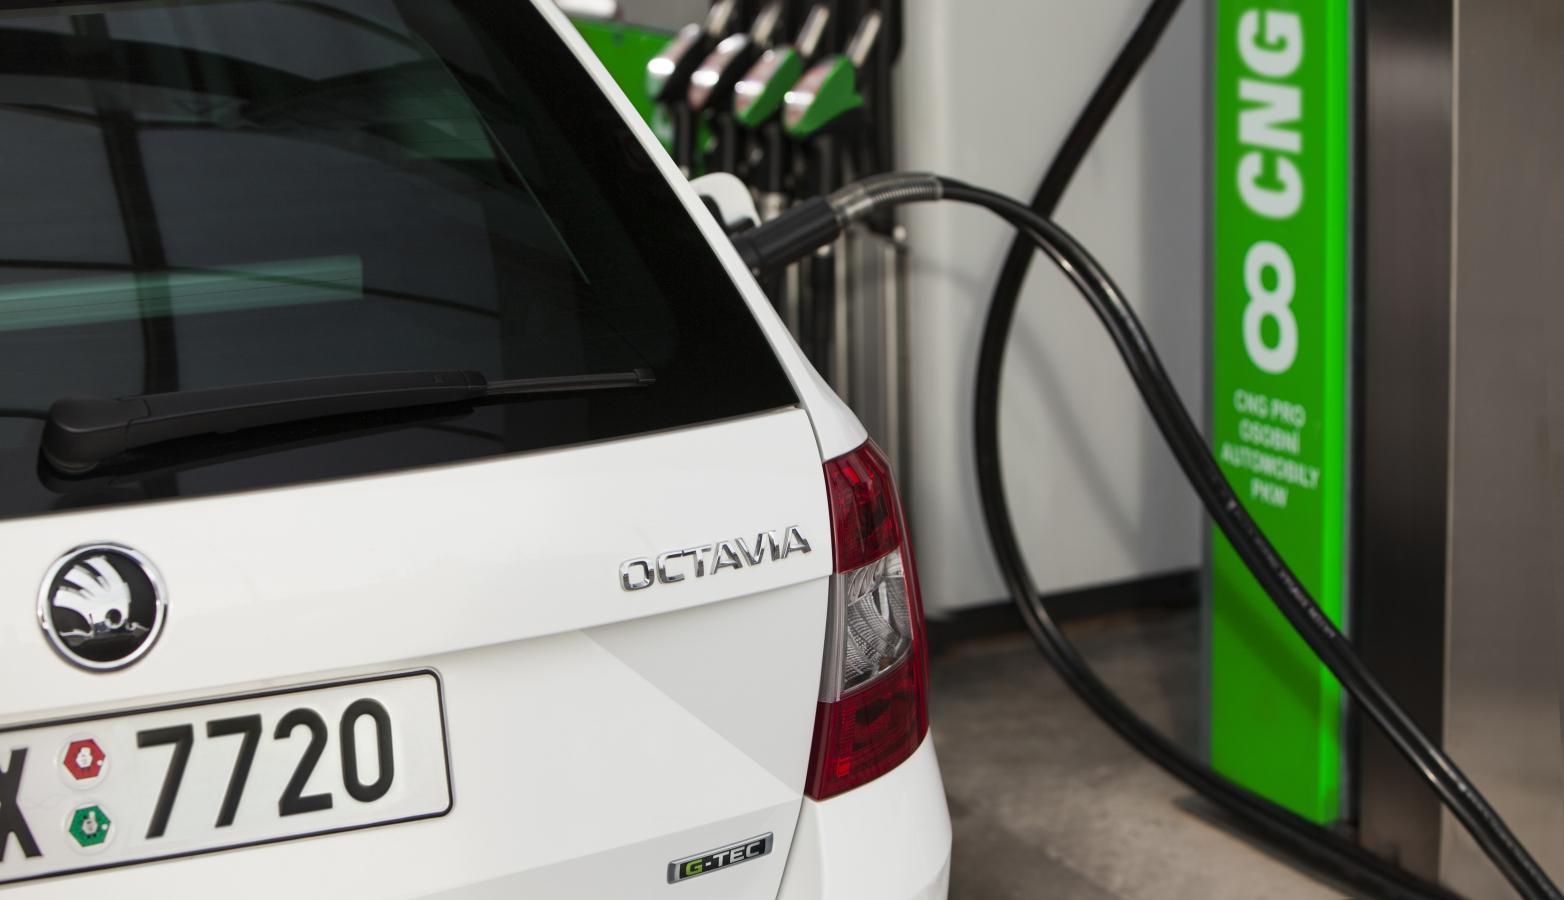 Škoda Octavia G-Tec (CNG) tankování